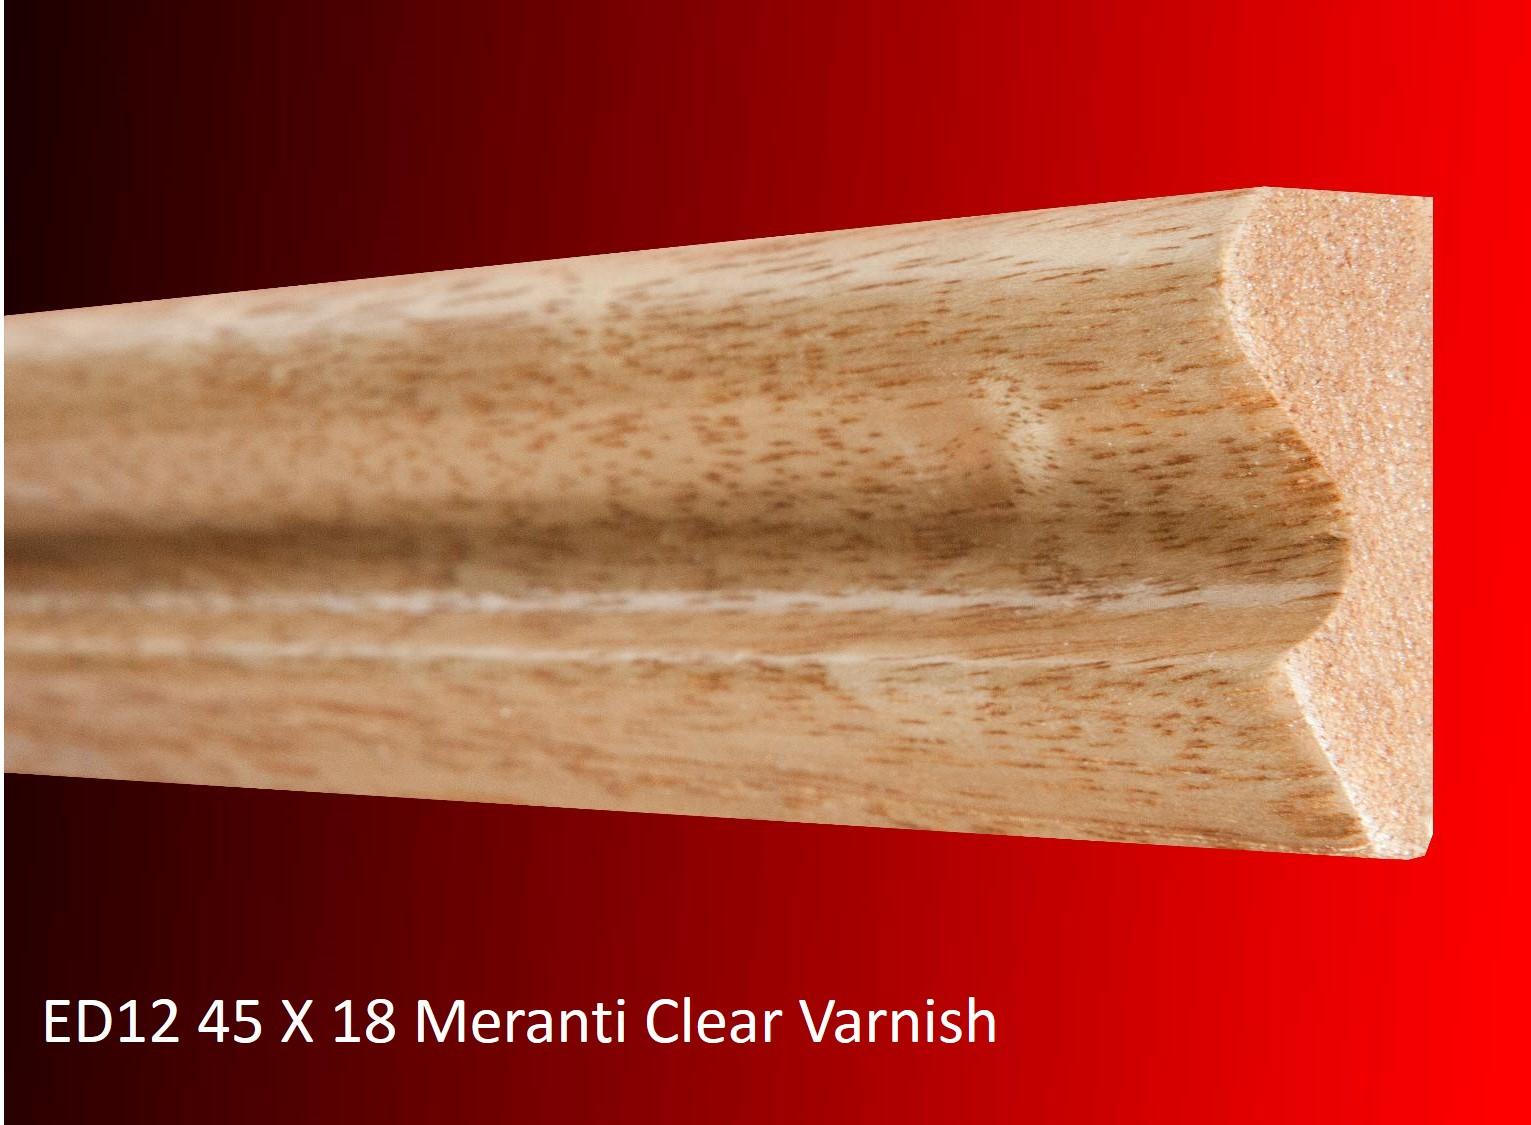 ED12 45 X 18 Meranti Clear Varnish